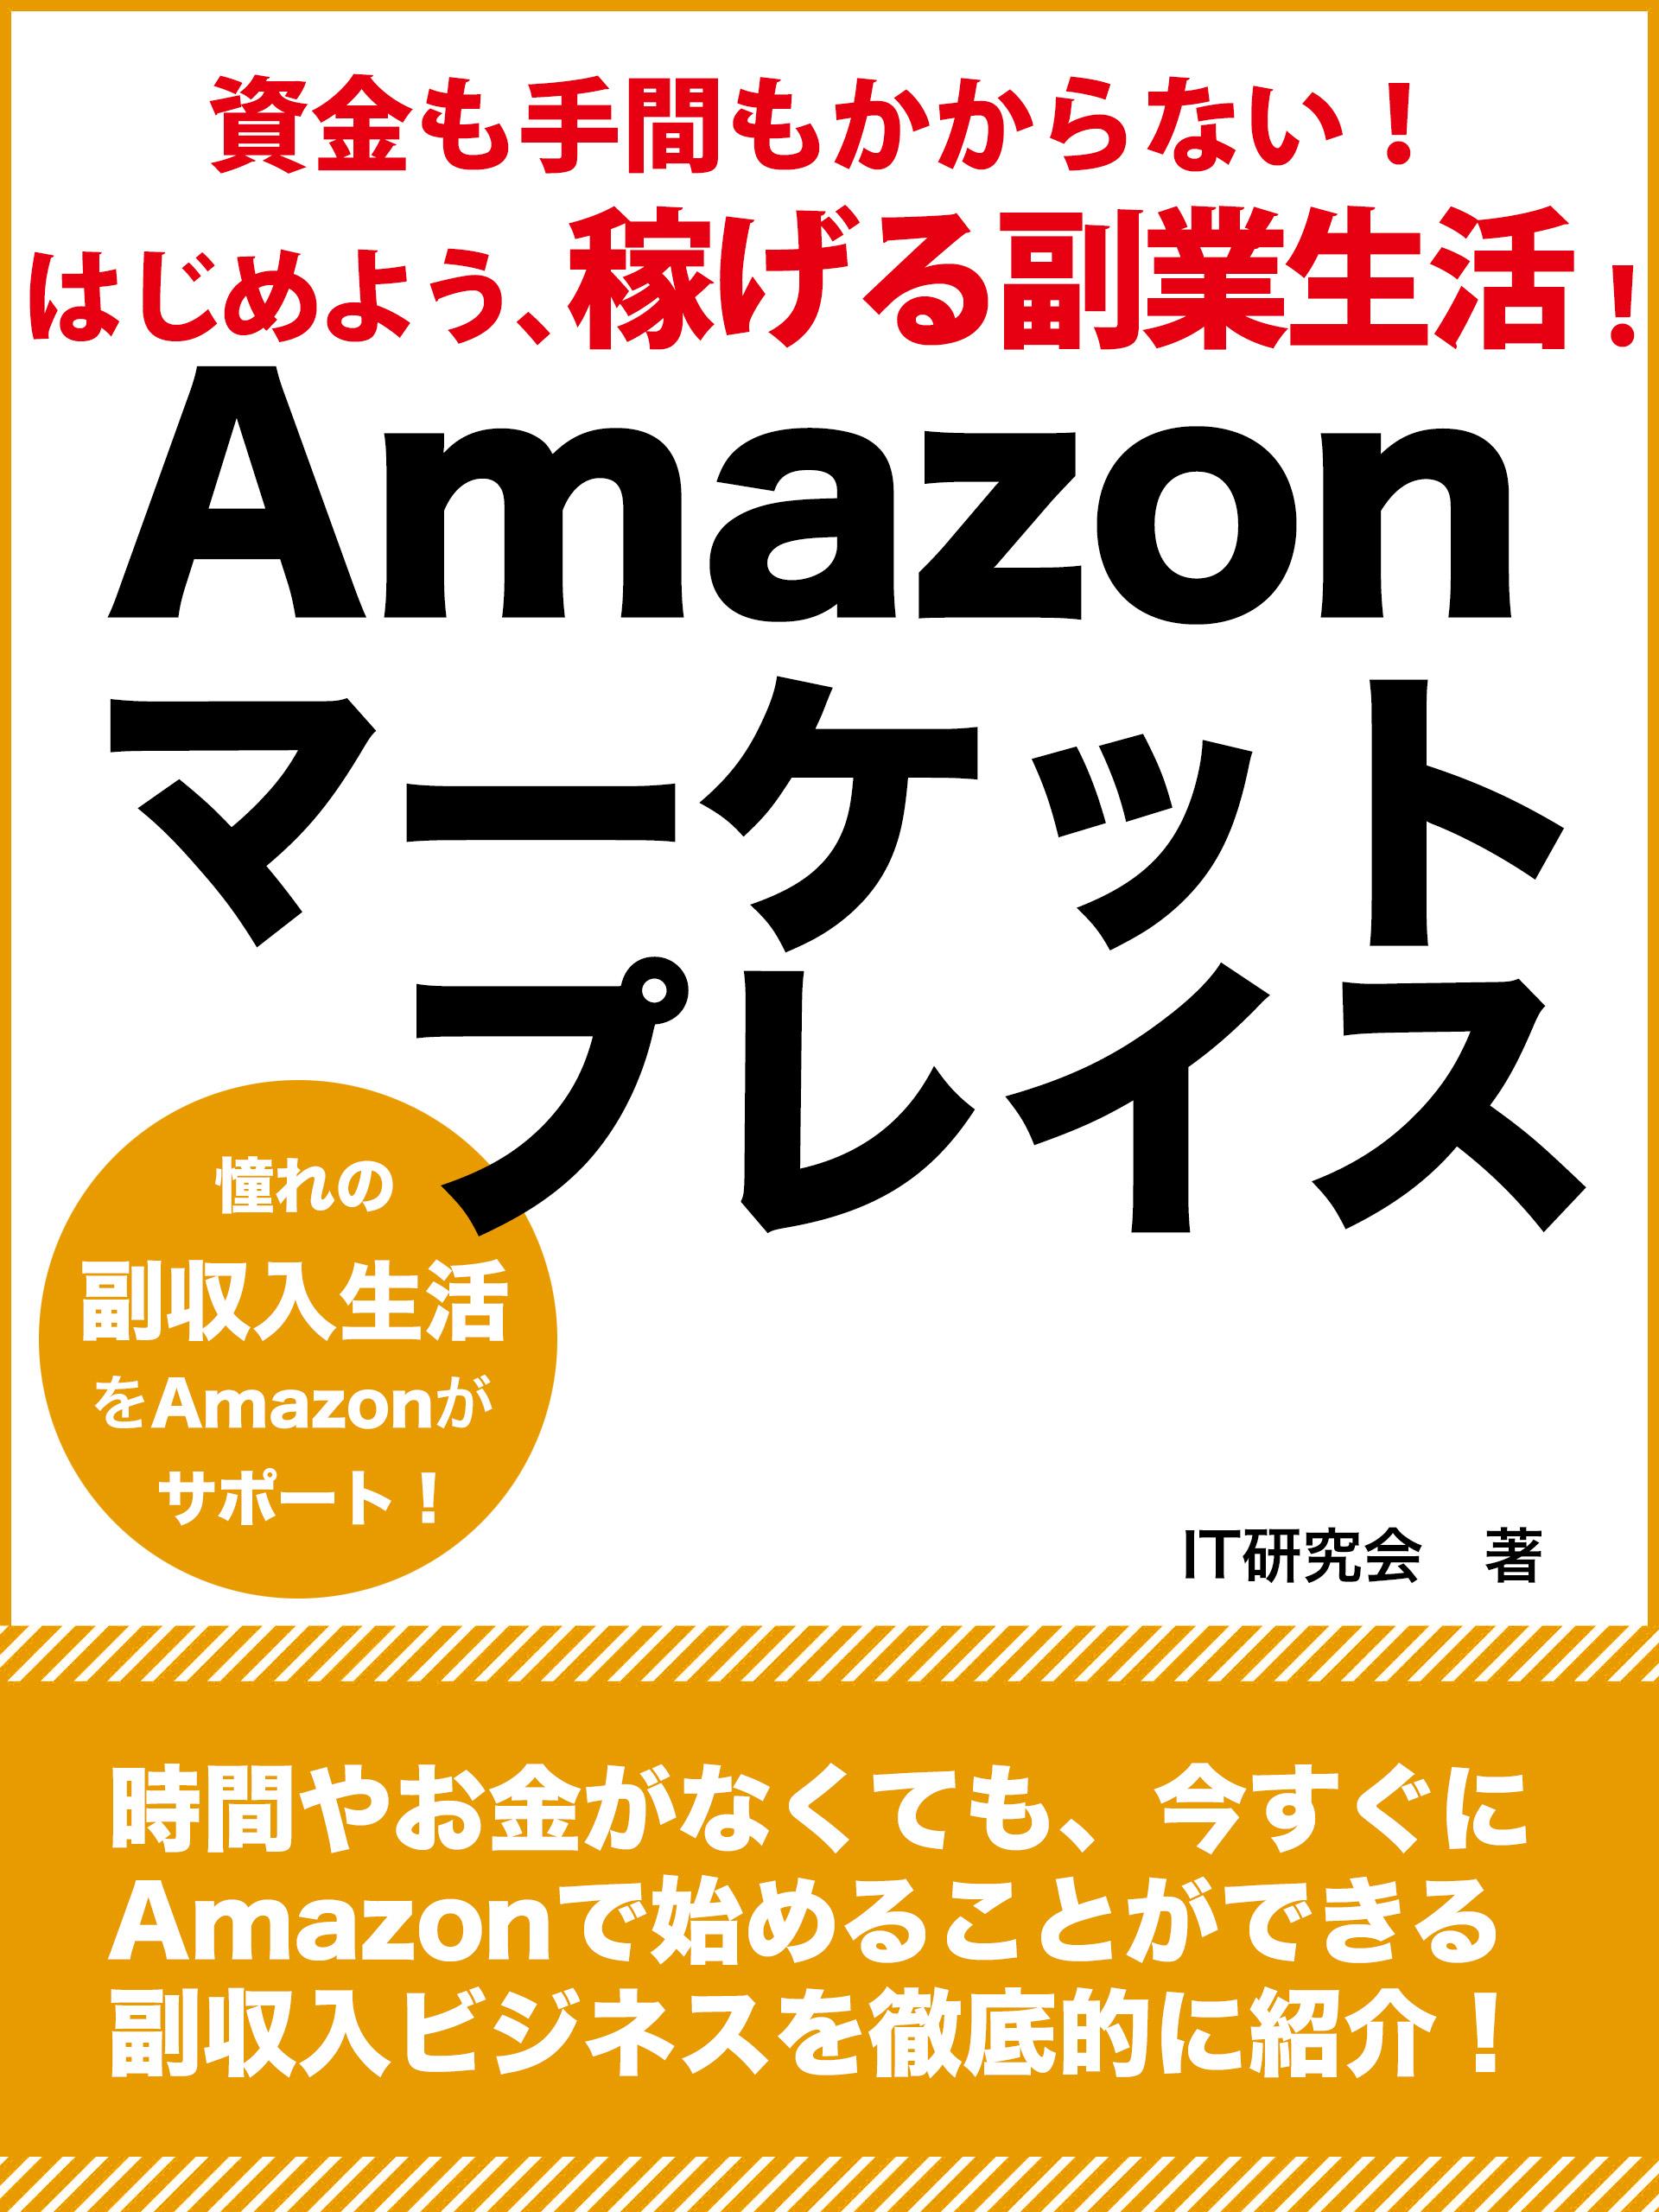 資金も手間もかからない! はじめよう、稼げる副業生活! Amazonマーケットプレイス